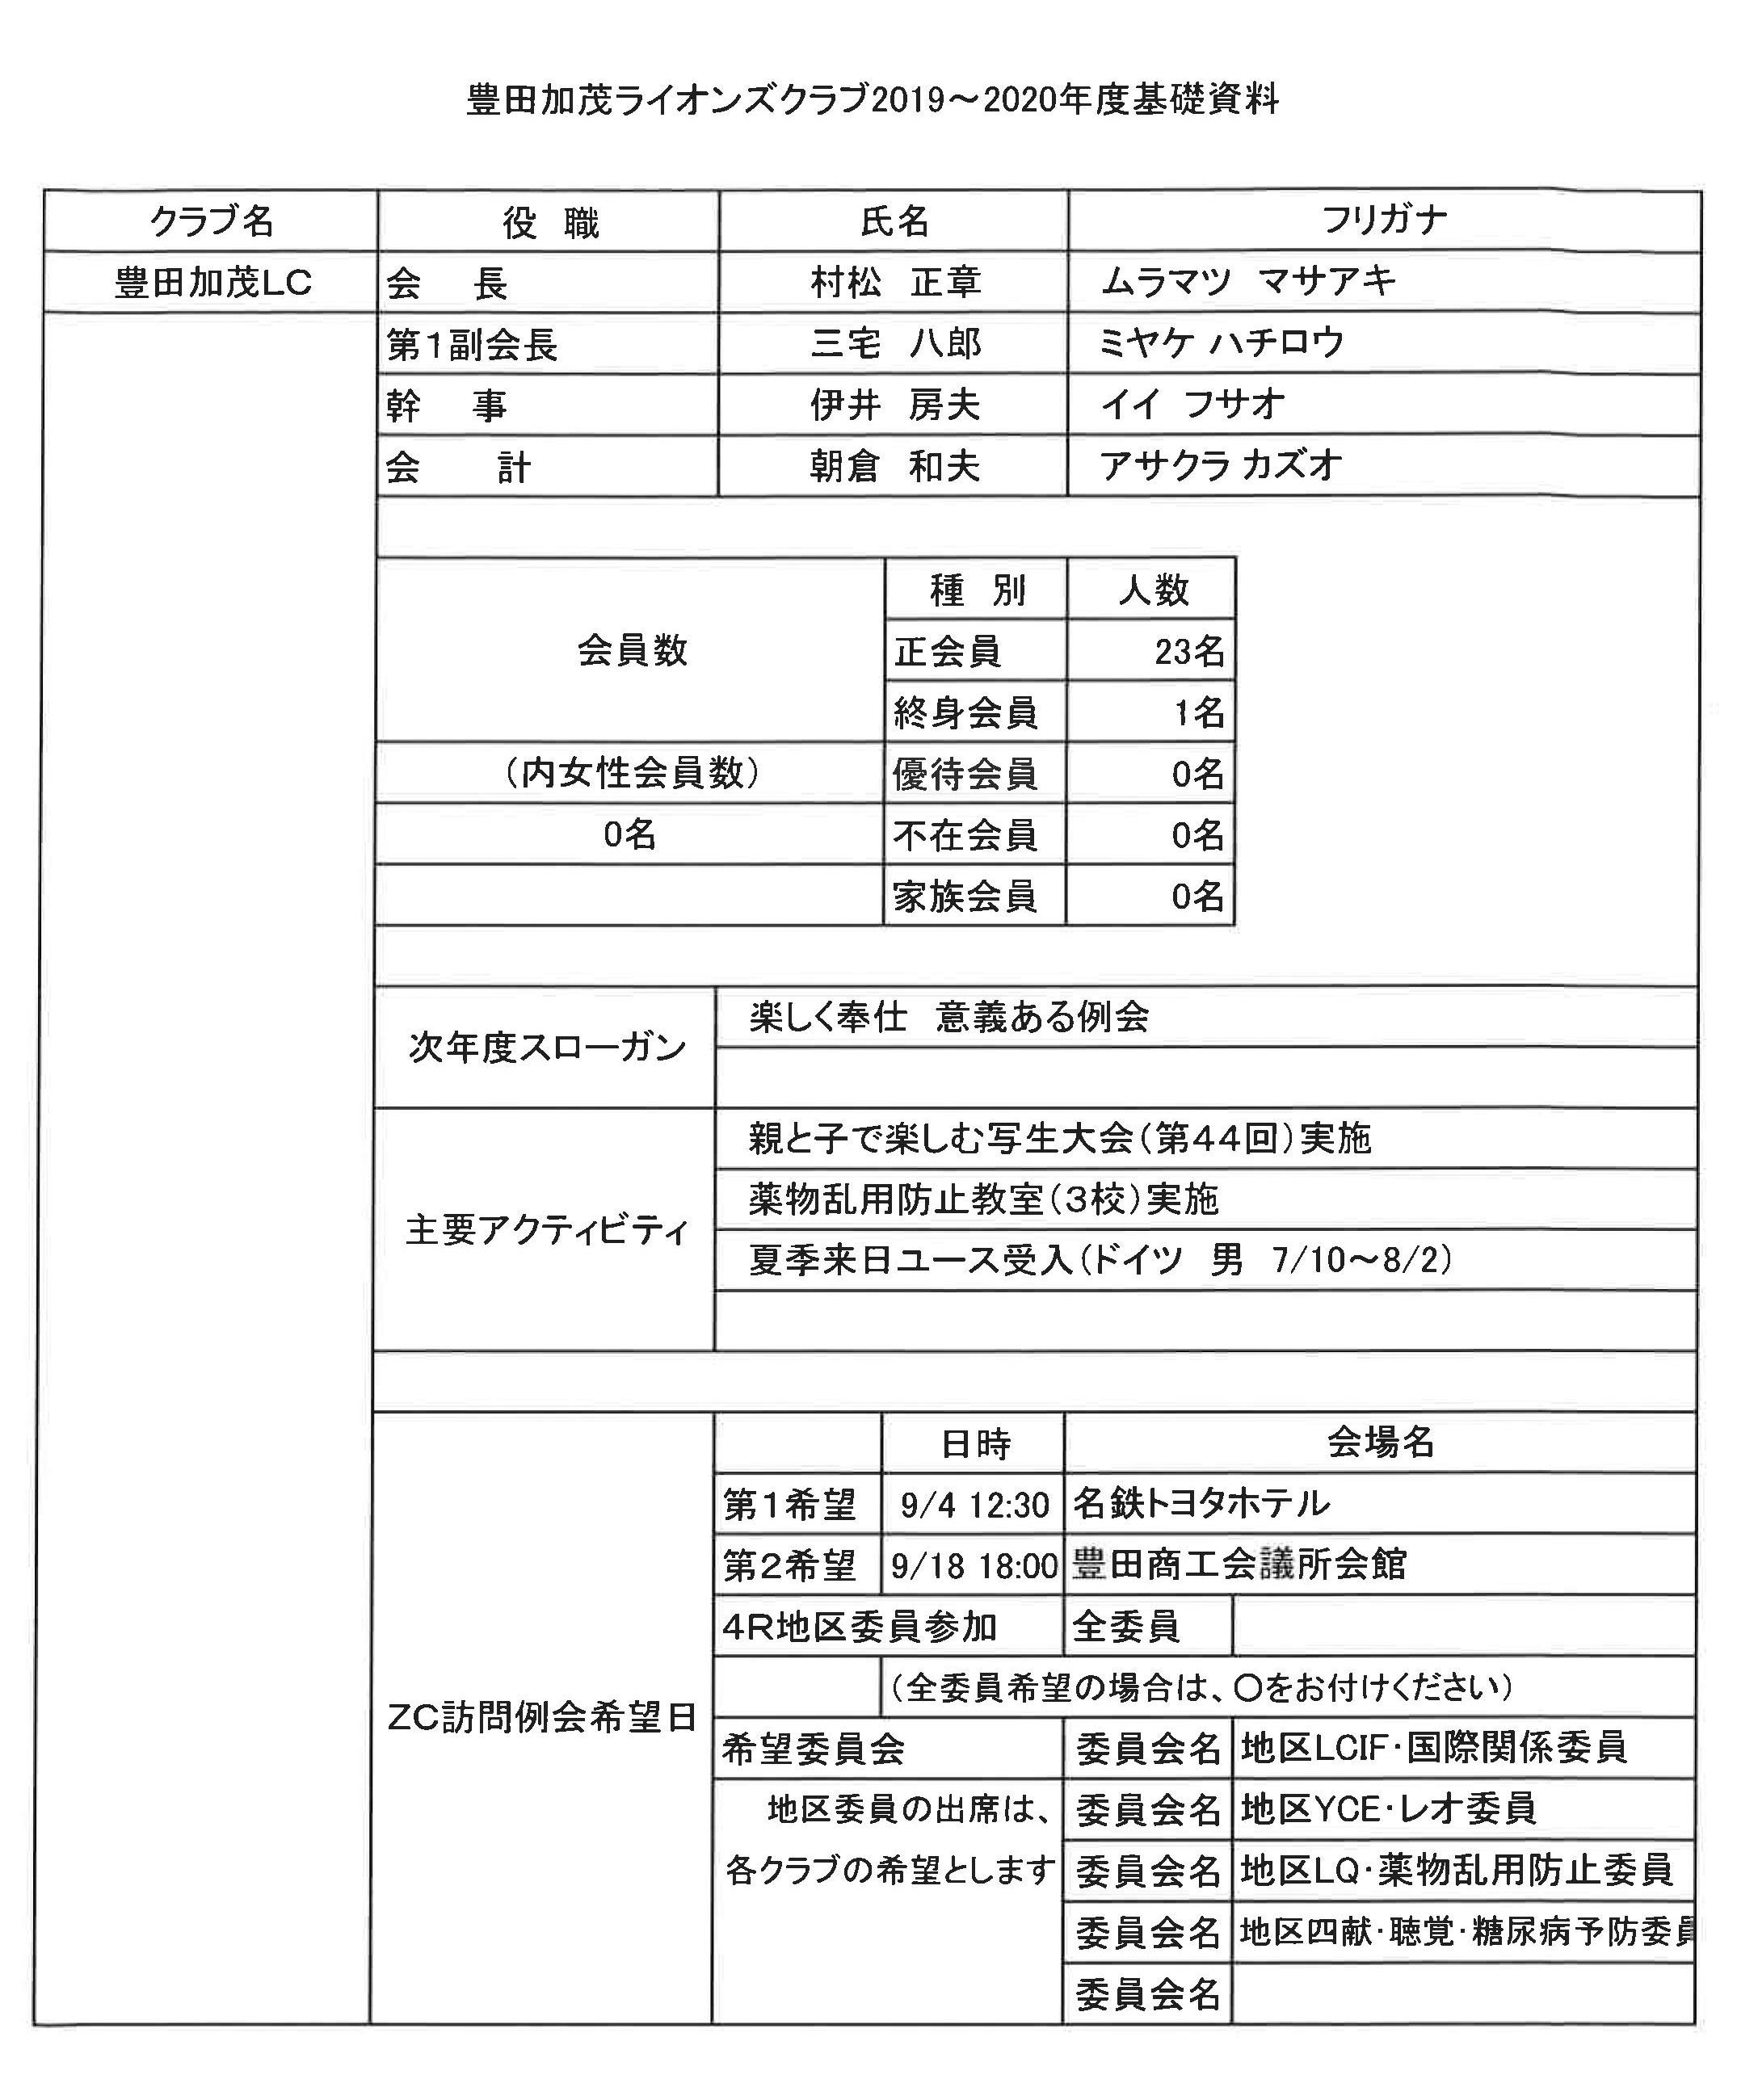 27準備ゾーン会議 豊田加茂LC今年度資料1